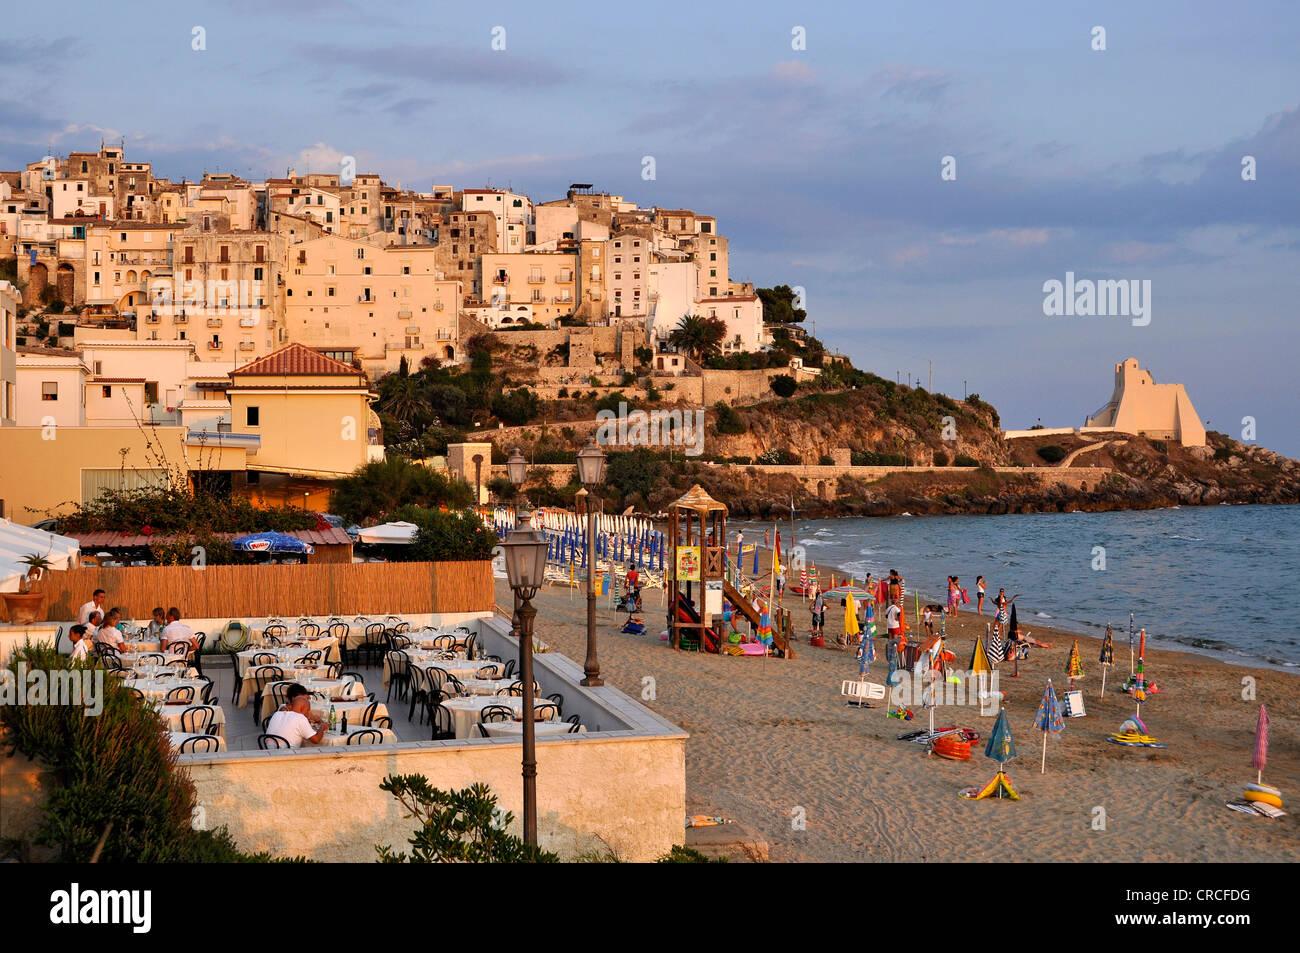 Terrace of Ristorante-Pizzeria Tramonto on the sandy beach of Lido di Fondi, Torre Troglia, Sperlonga, Lazio, Italy, - Stock Image